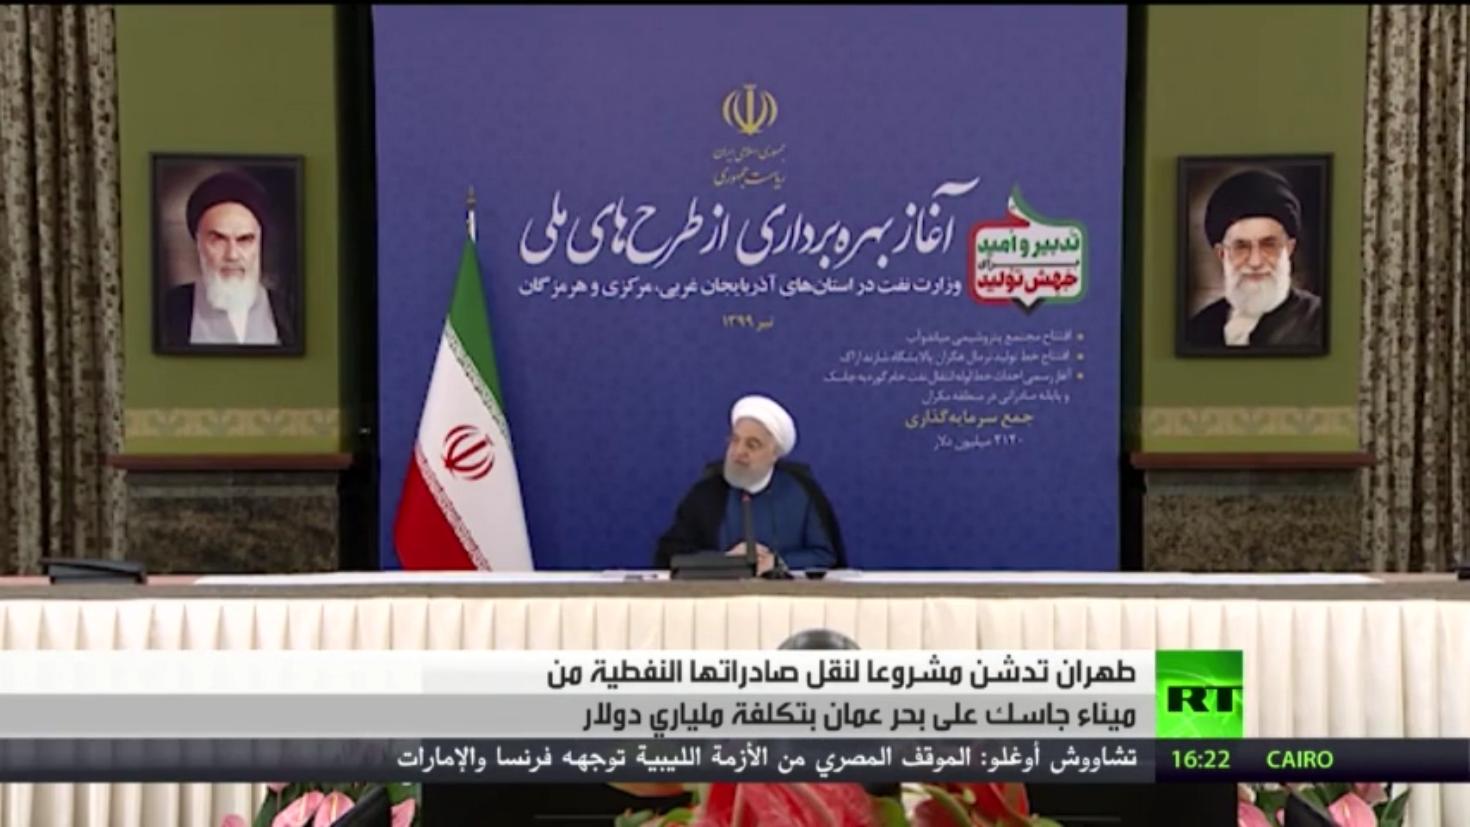 روحاني: سنصدر النفط من خليج عمان